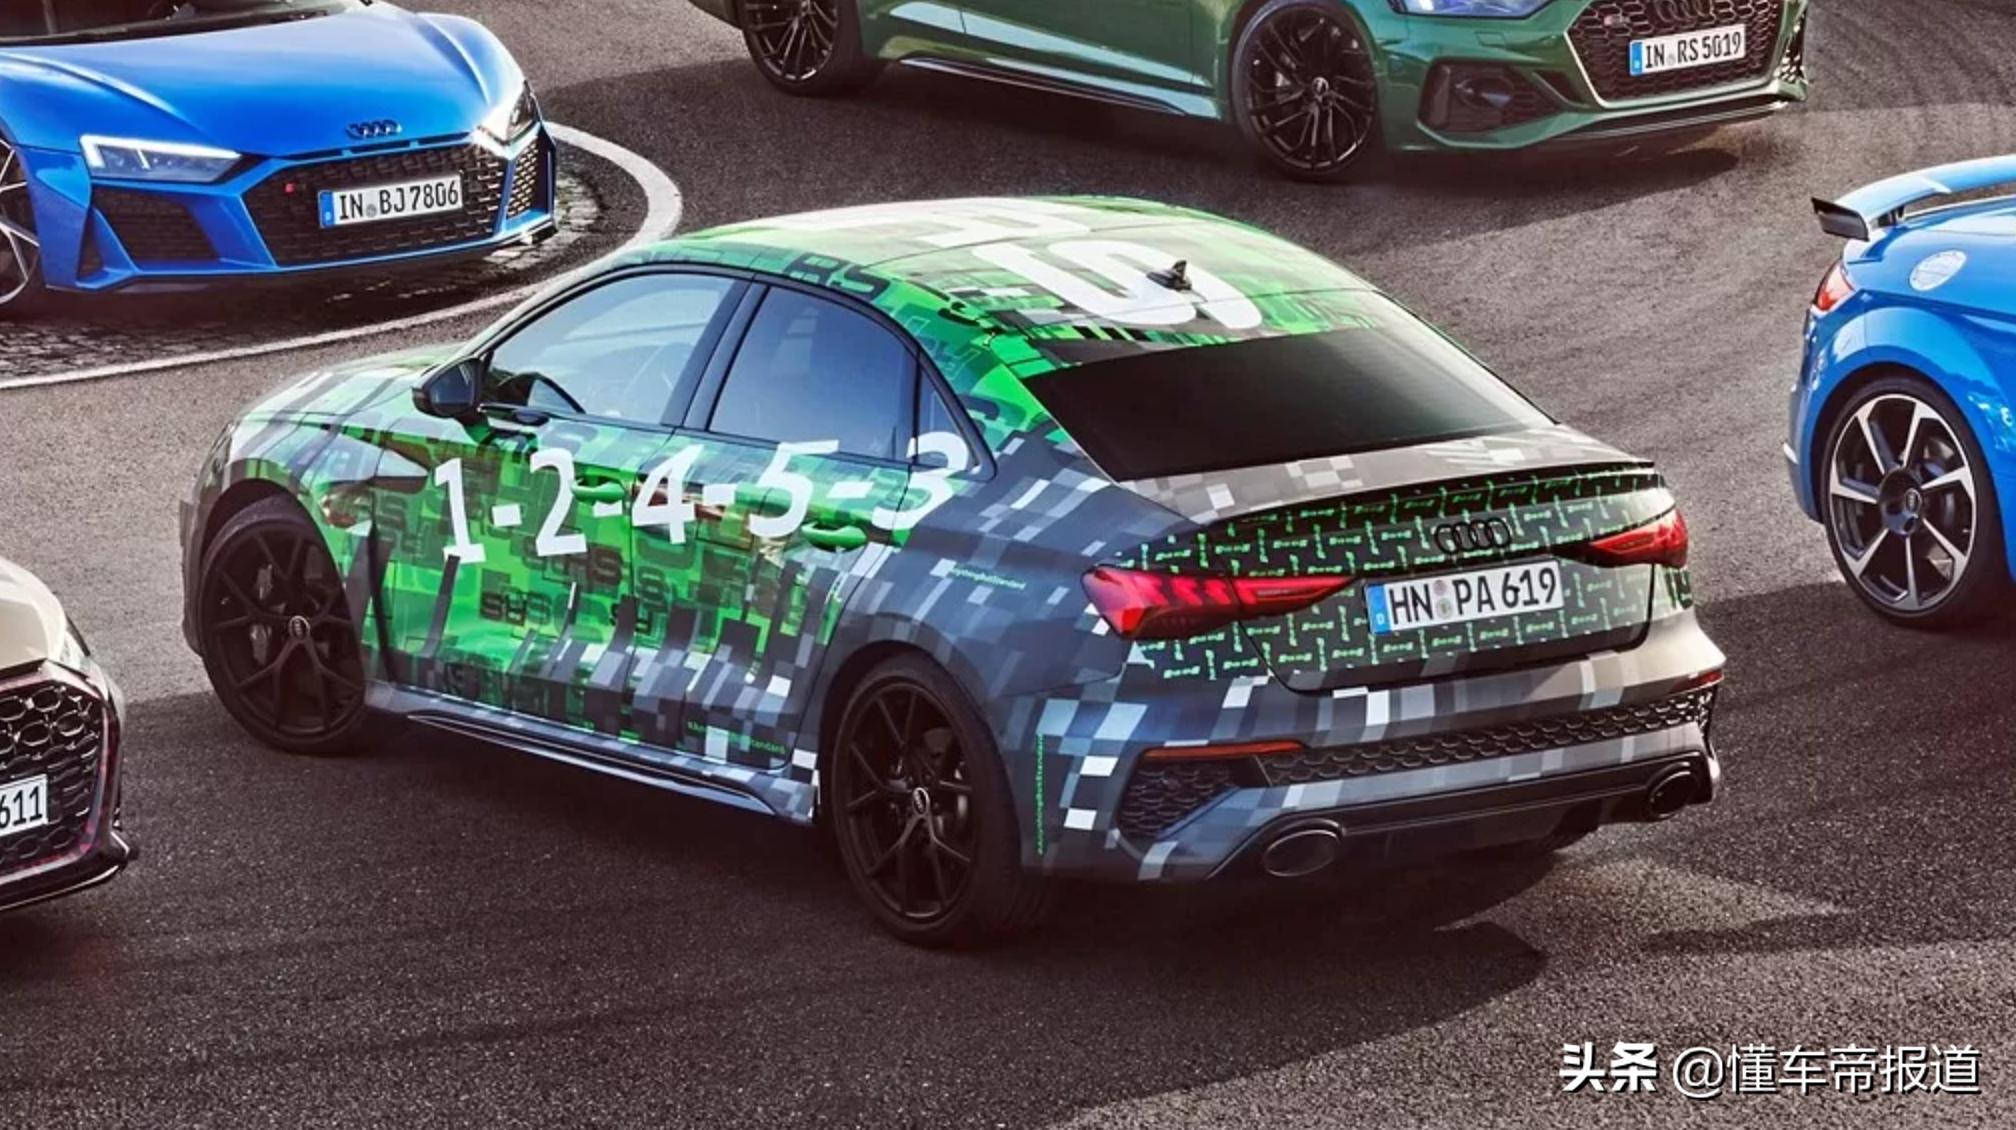 新车 | 竞争钢炮一哥?全新奥迪RS 3伪装实车曝光,五缸动力将升级